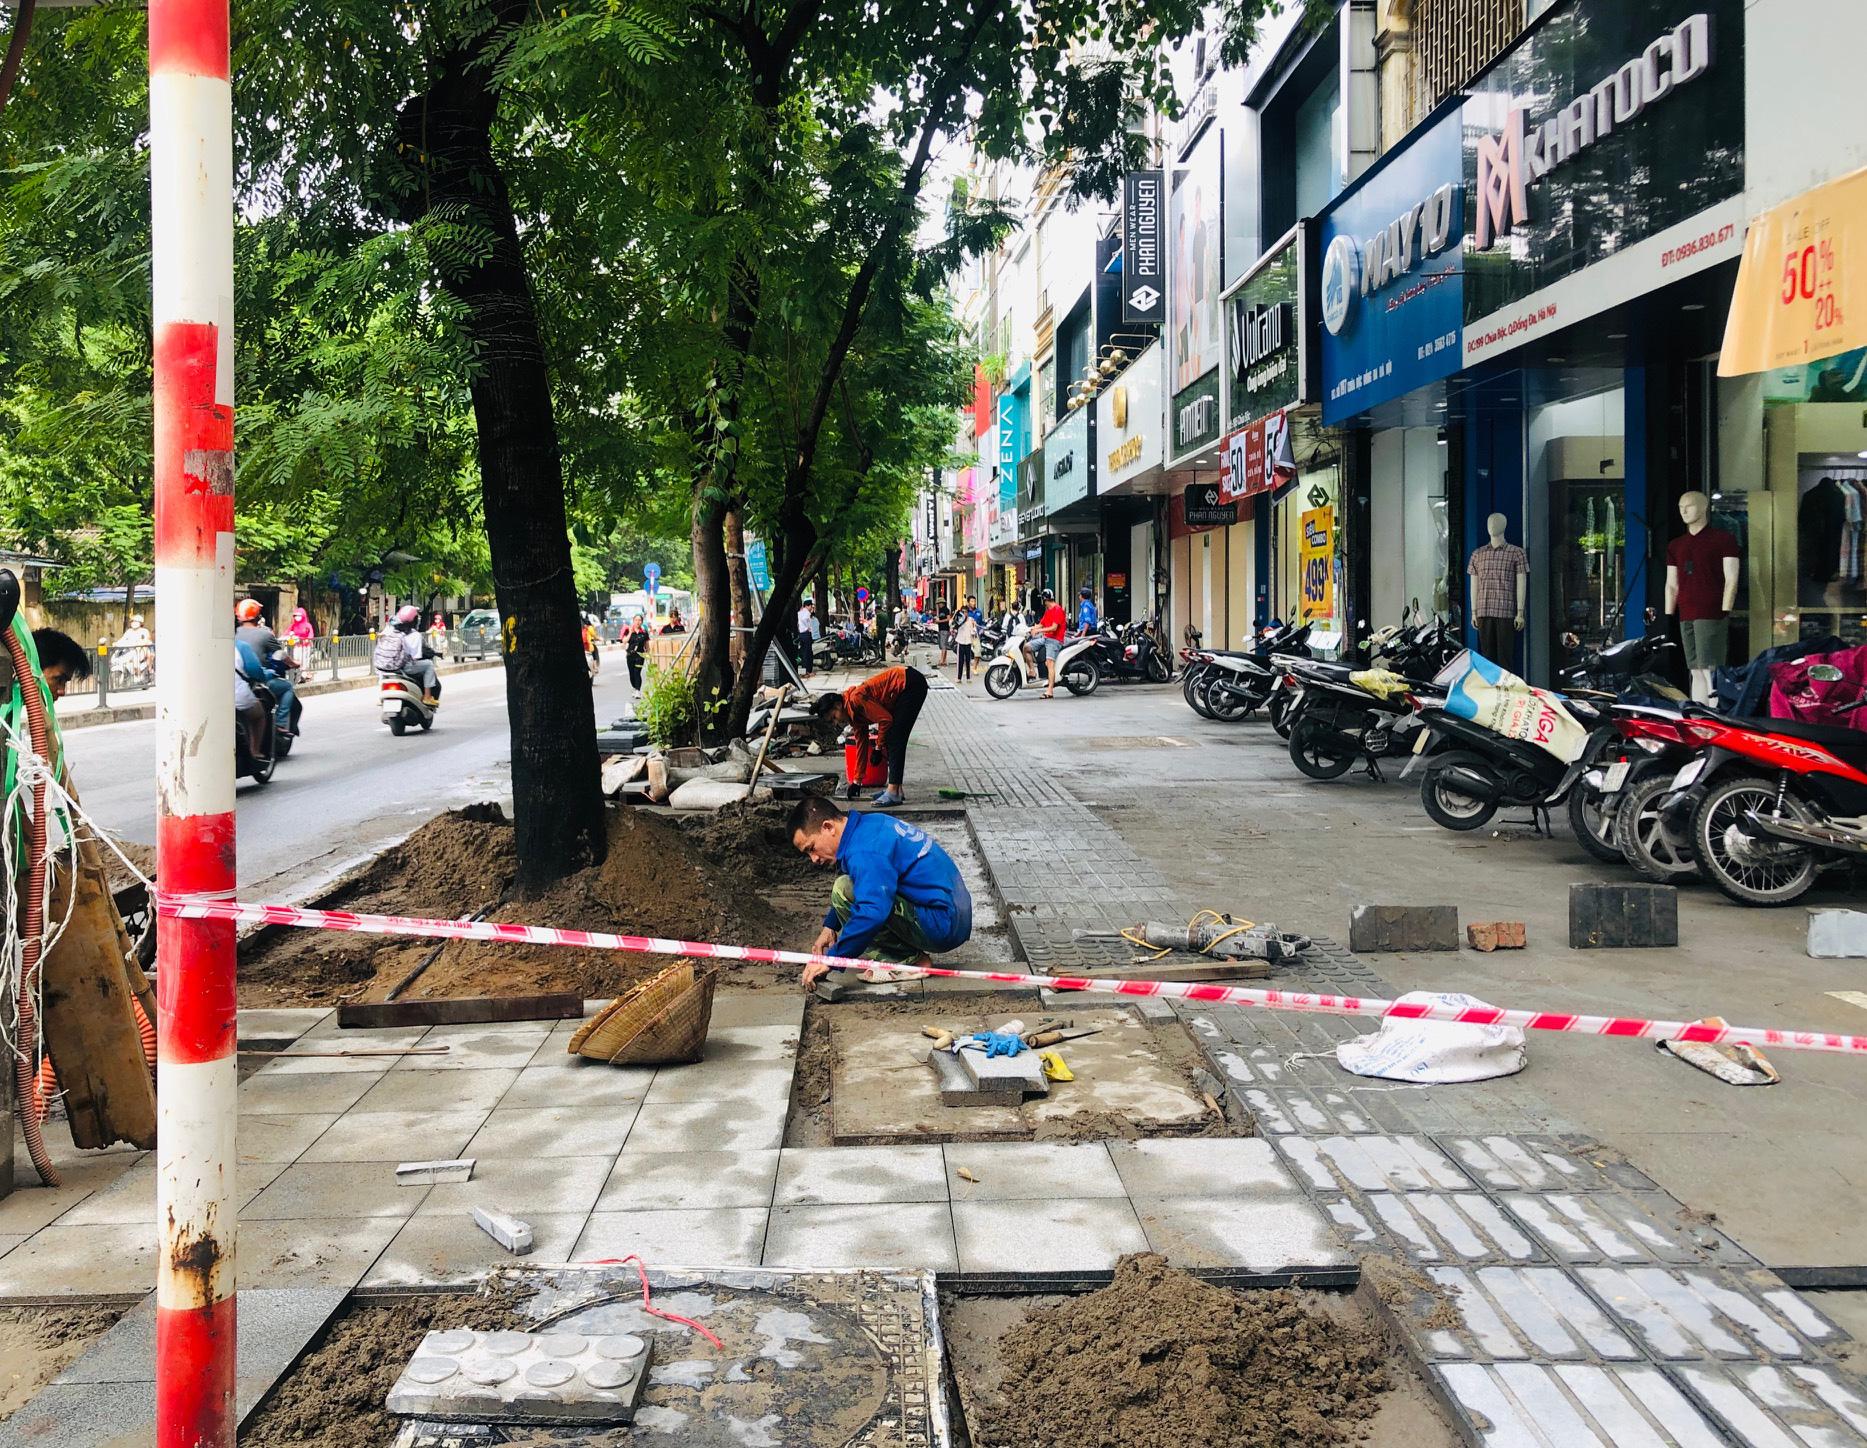 """Vỉa hè lát đá tại Hà Nội: Tuổi thọ 70 năm, nhưng chỉ """"sống"""" 2 năm - Ảnh 3."""